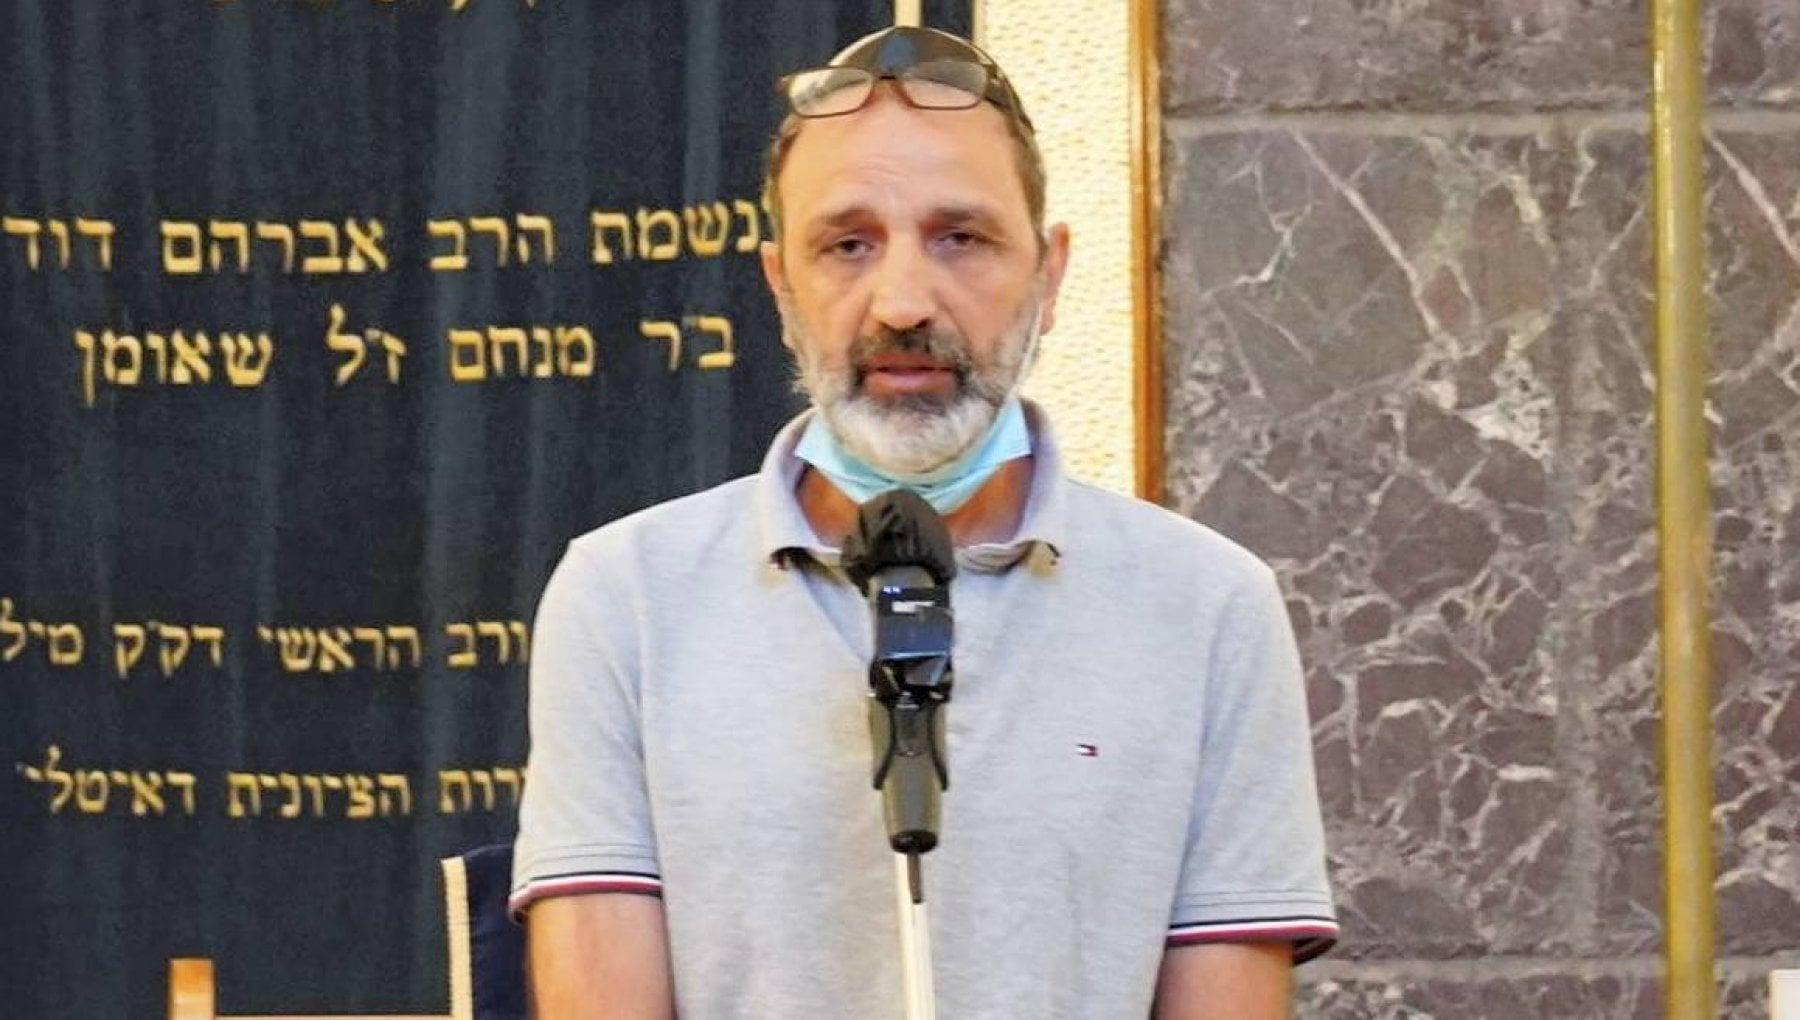 """163416832 68882945 0fa1 4e29 b0b5 827b4e754f4c - """"Ci hanno offerto di parlare con Eitan, ma se non ci dicono subito dov'è faremo intervenire la polizia"""""""